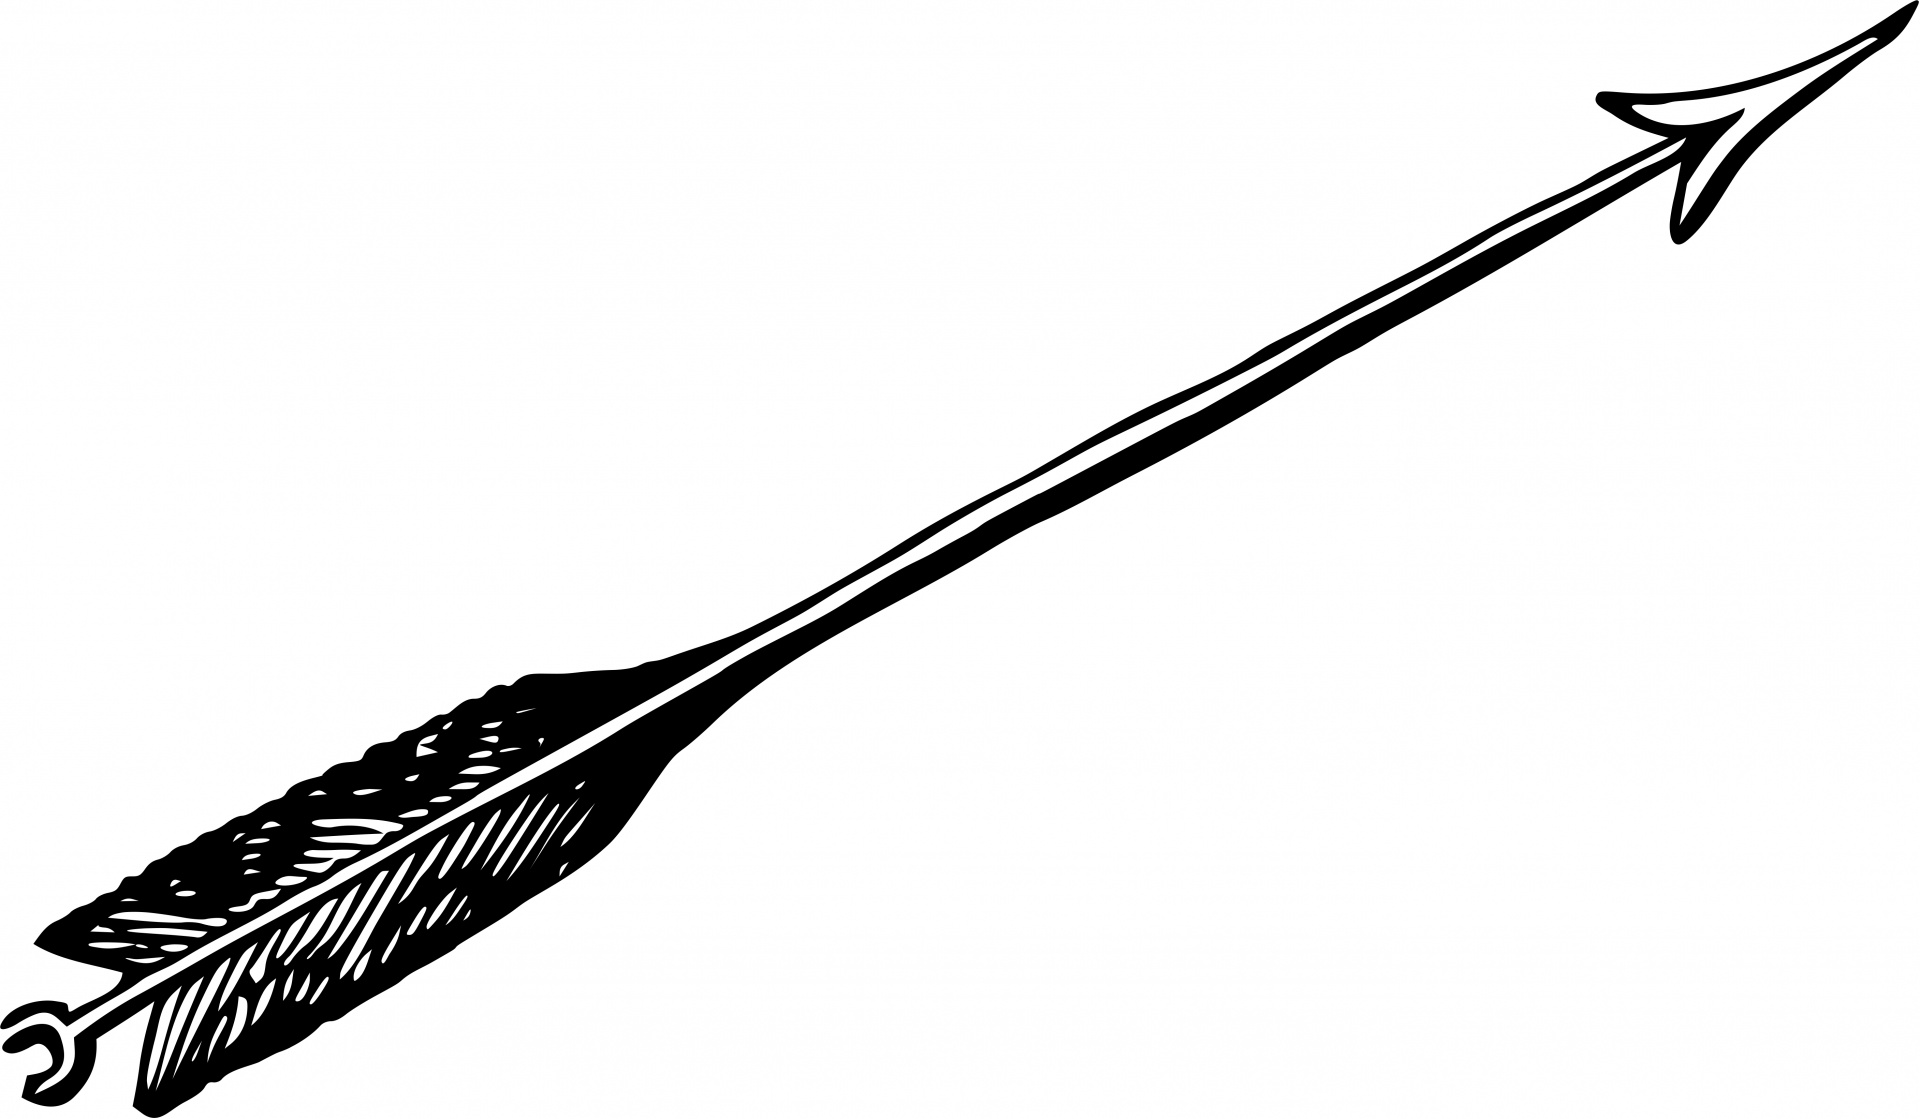 Archers Arrow Free Stock Photo